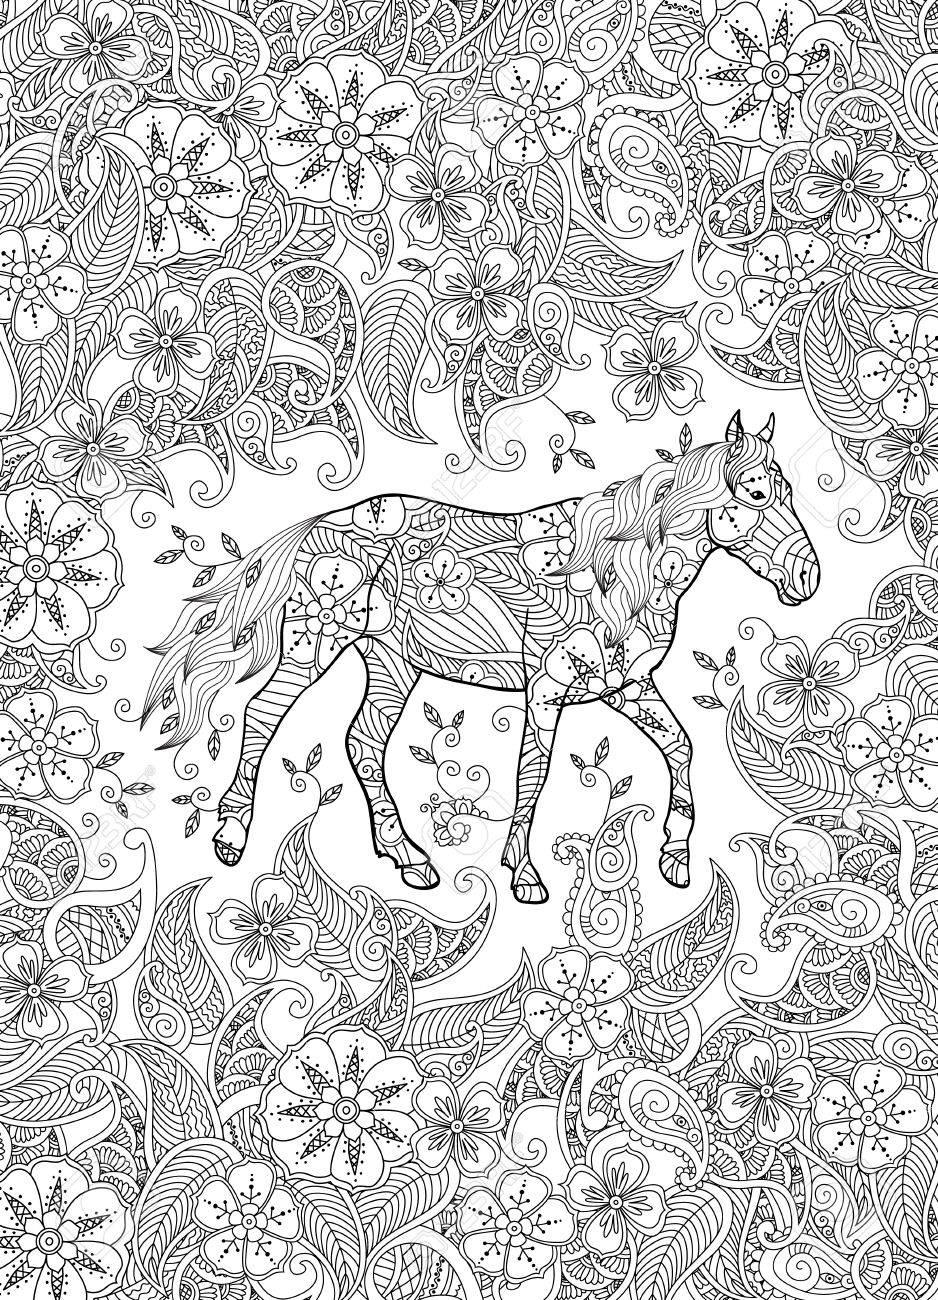 Dibujo Para Colorear En Estilo Inspirado Caballo Corriendo En La